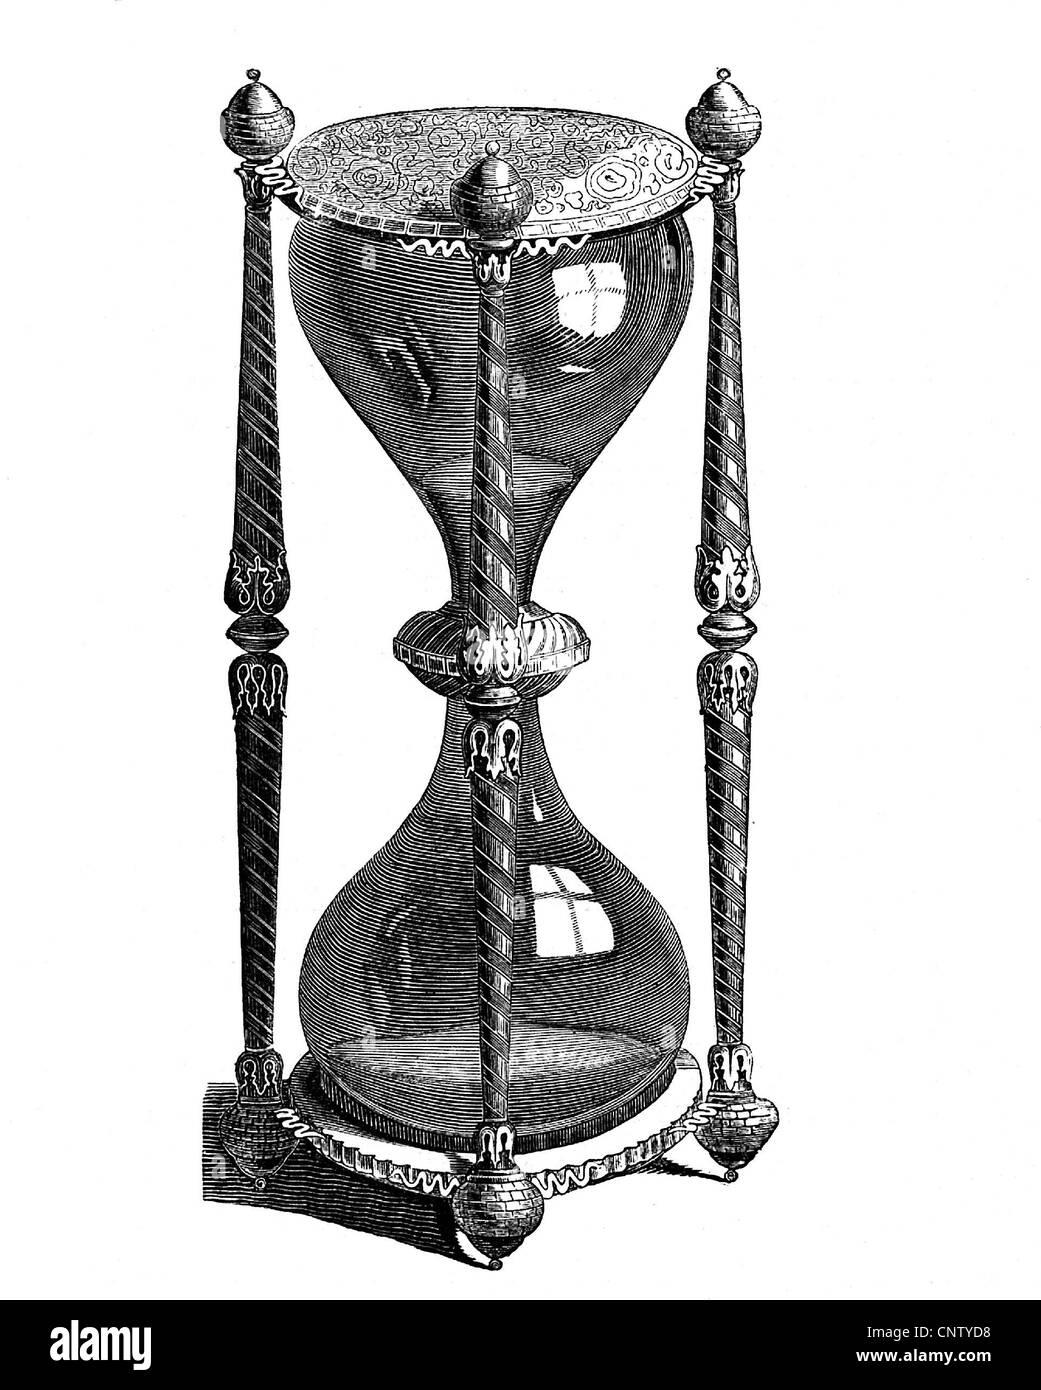 Uhren sanduhr historisch historische sanduhr sanduhr stunde gl ser sanduhren sanduhr - Glaser dekorieren mit sand ...